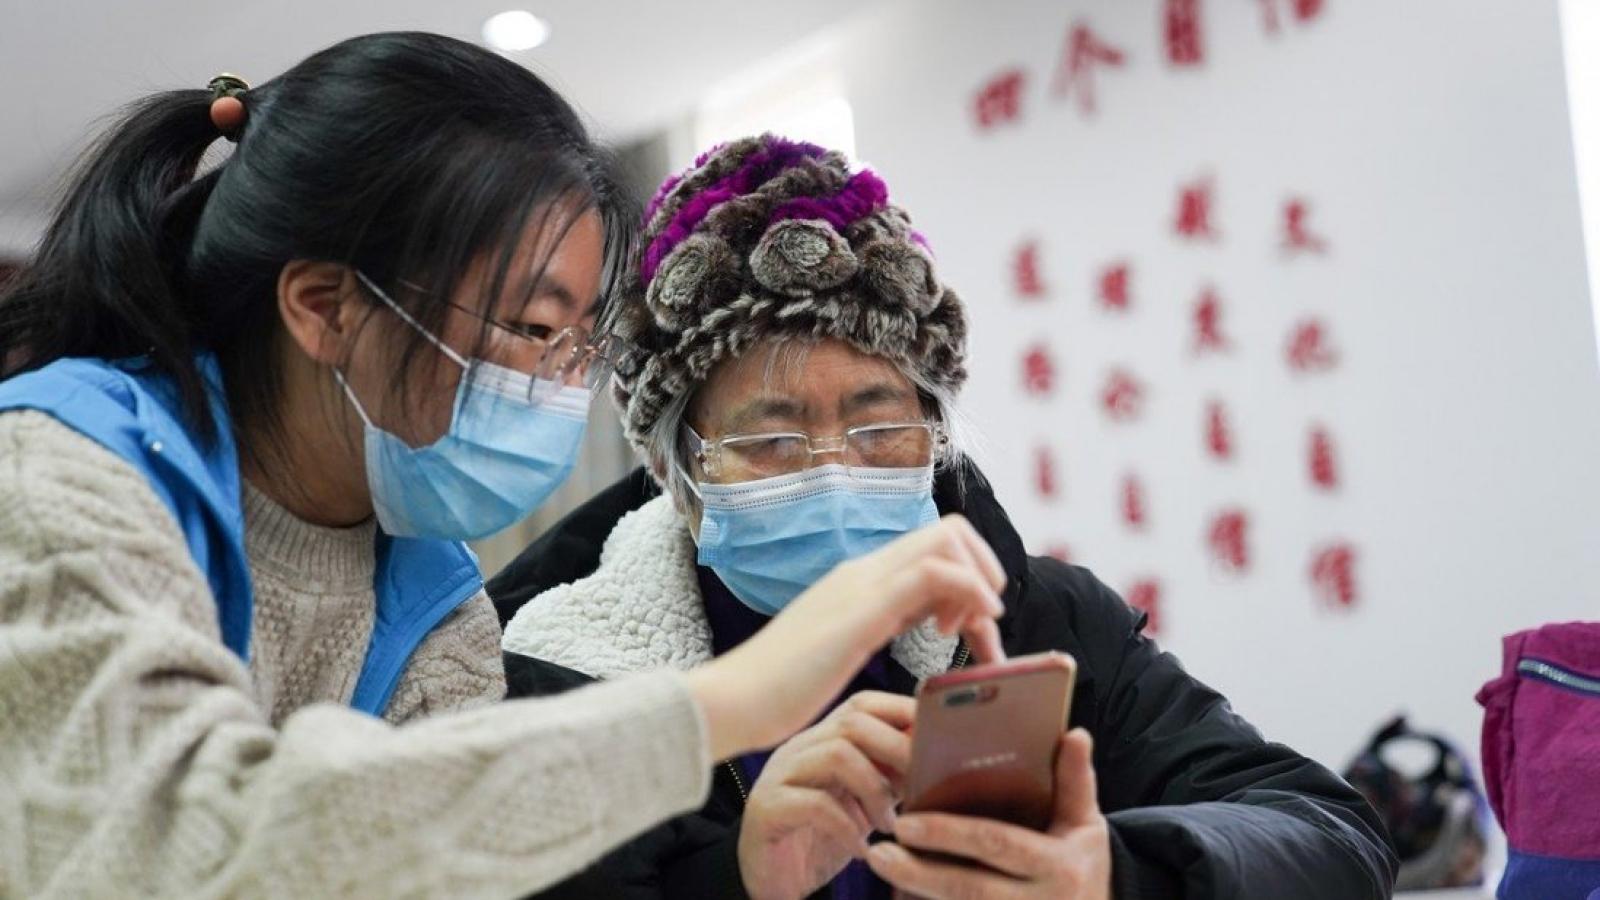 Trung Quốc hỗ trợ người cao tuổi bắt kịp công nghệ